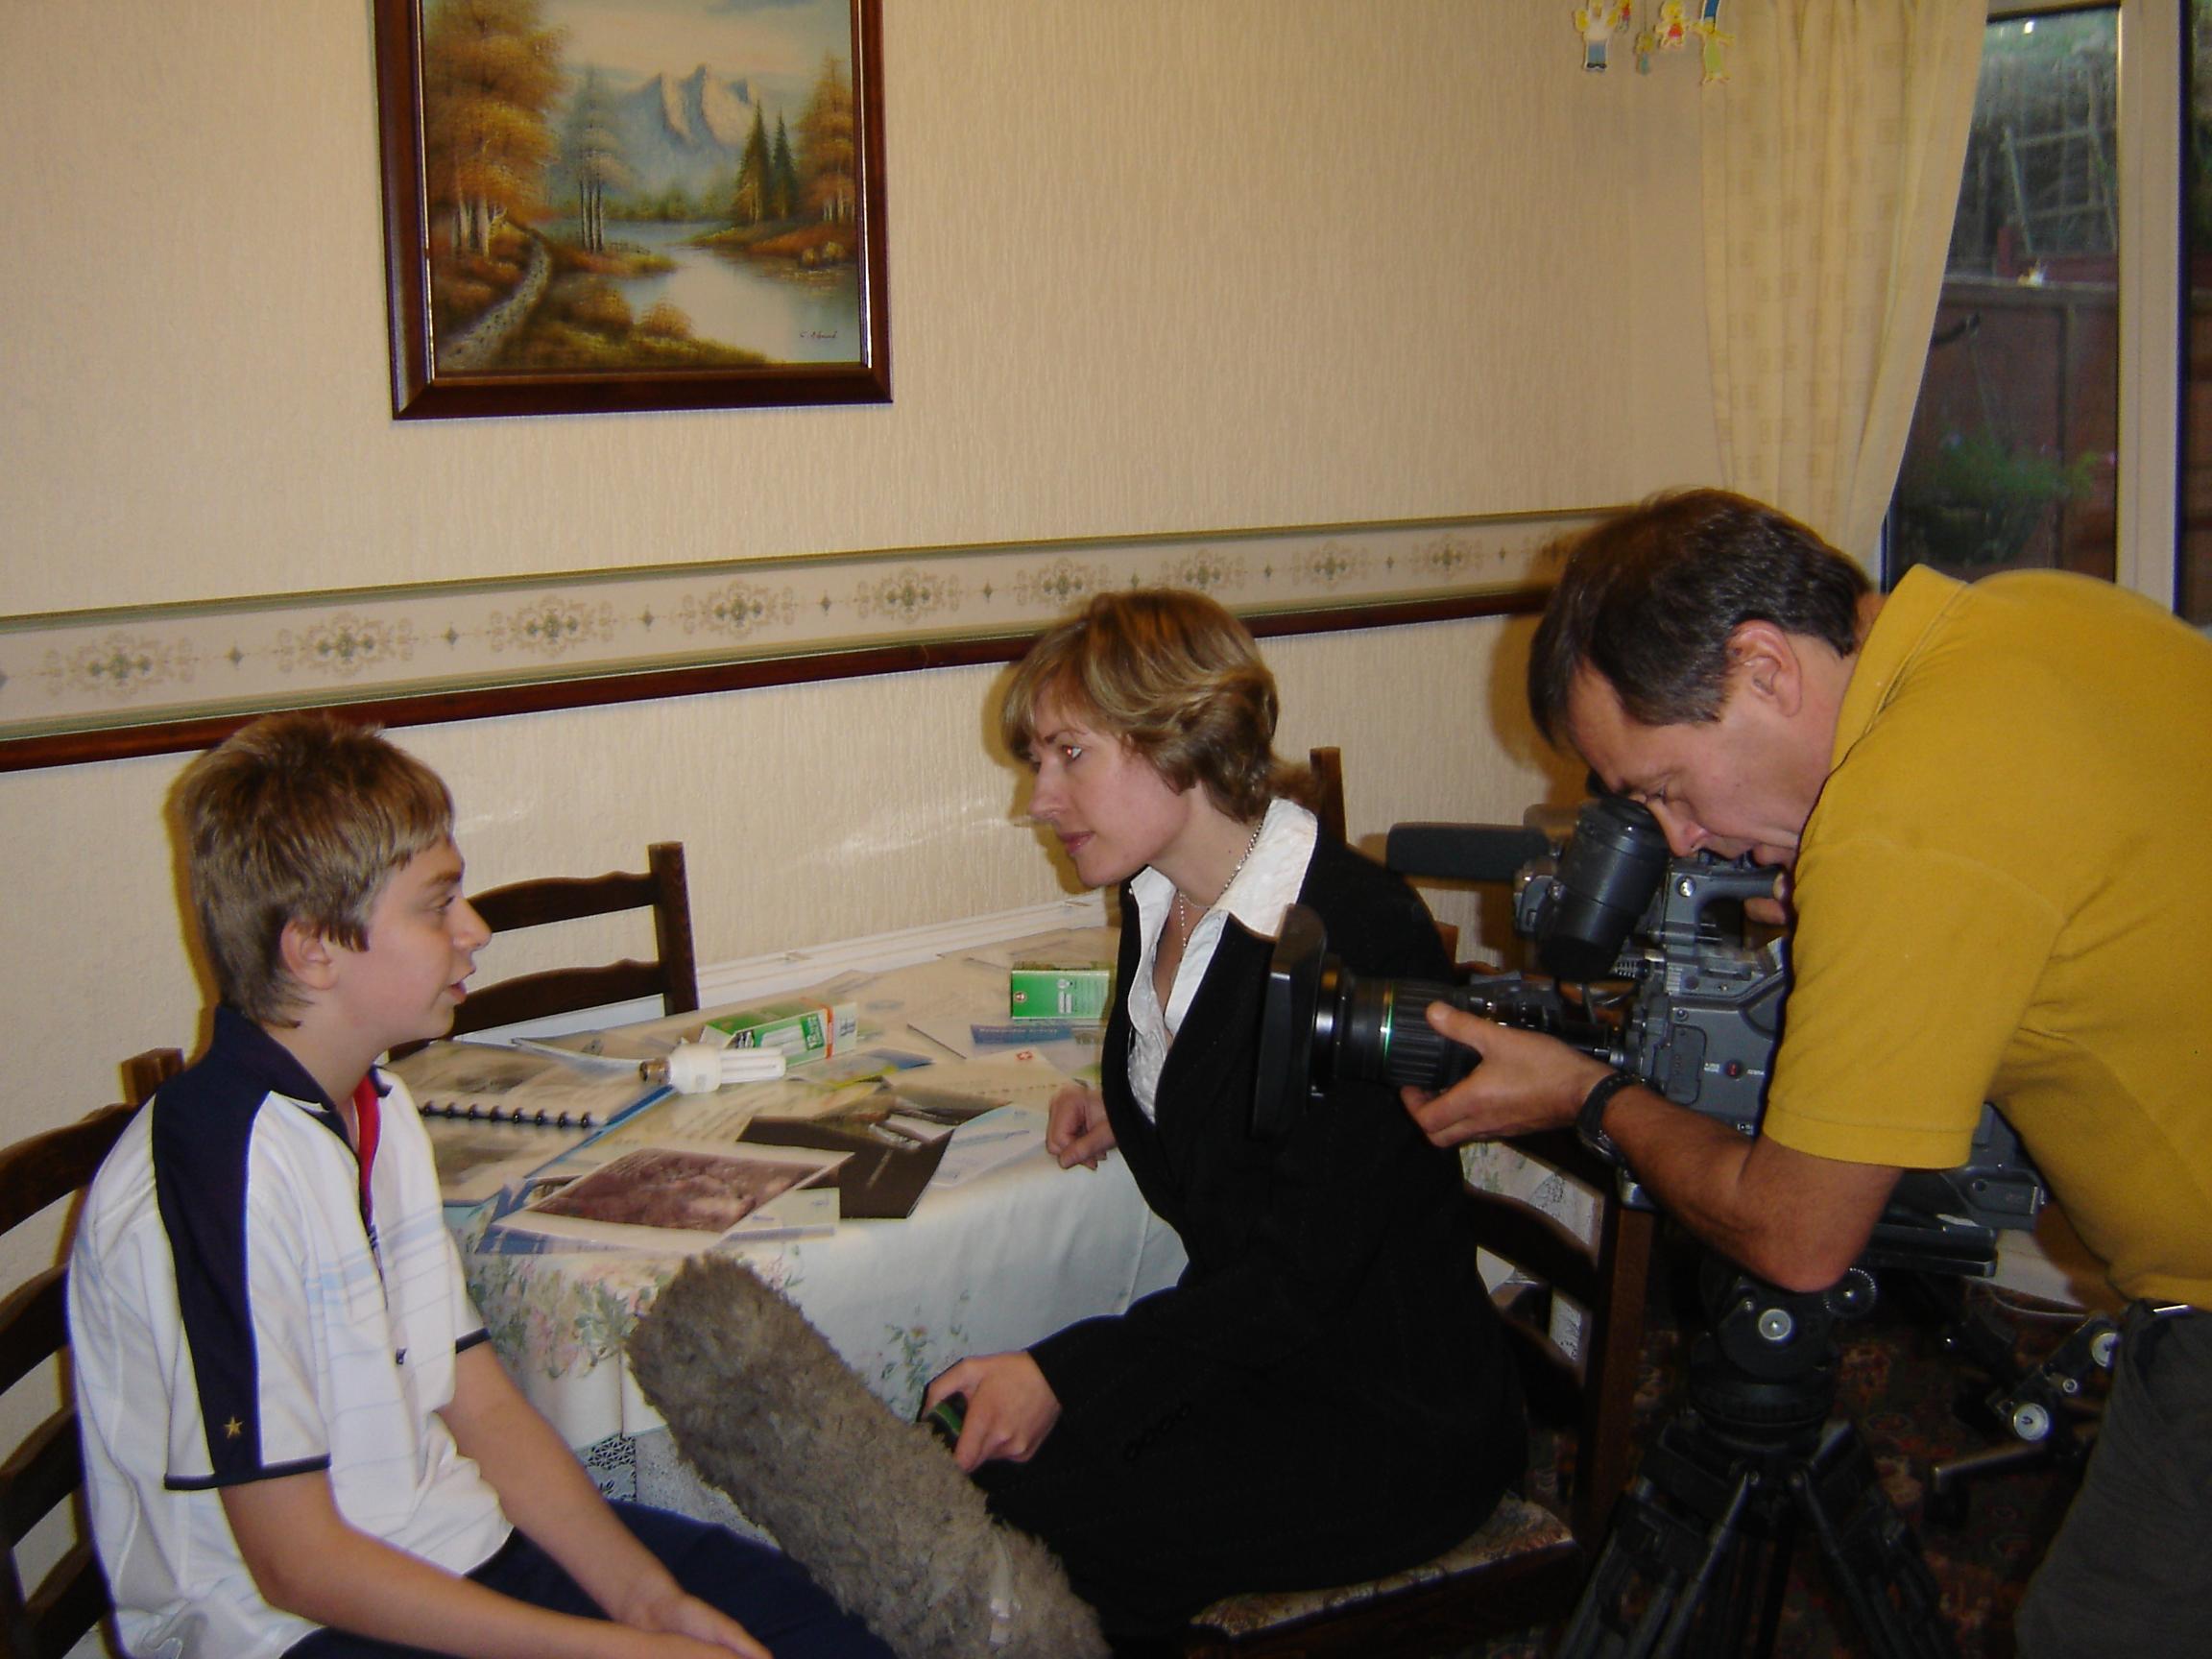 ITV News 2007